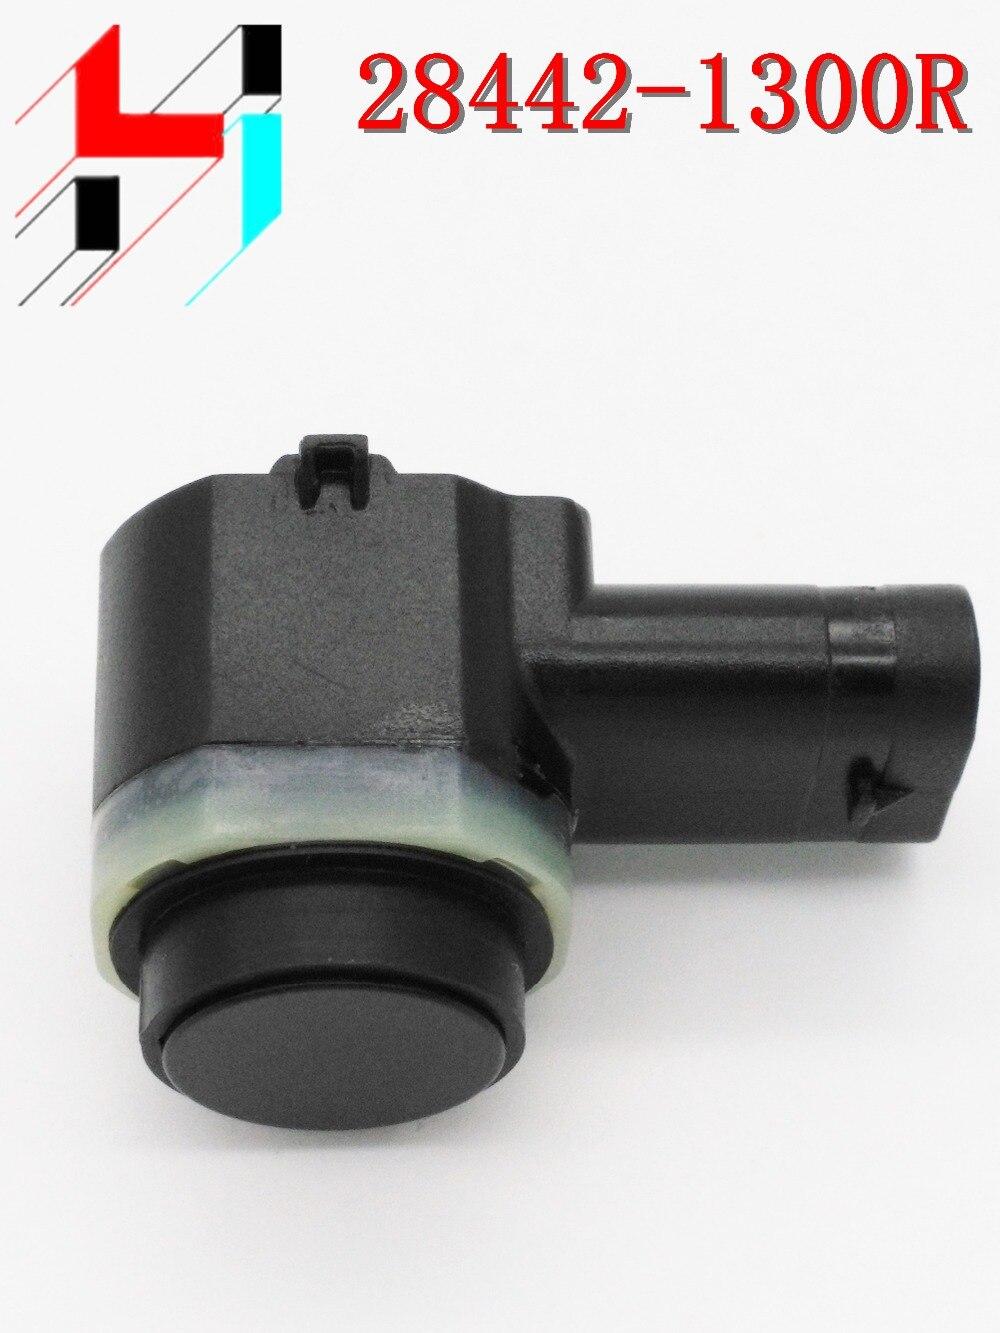 10 Pcs Sensor De Estacionamento 28438 Jz00b 28442 1300r